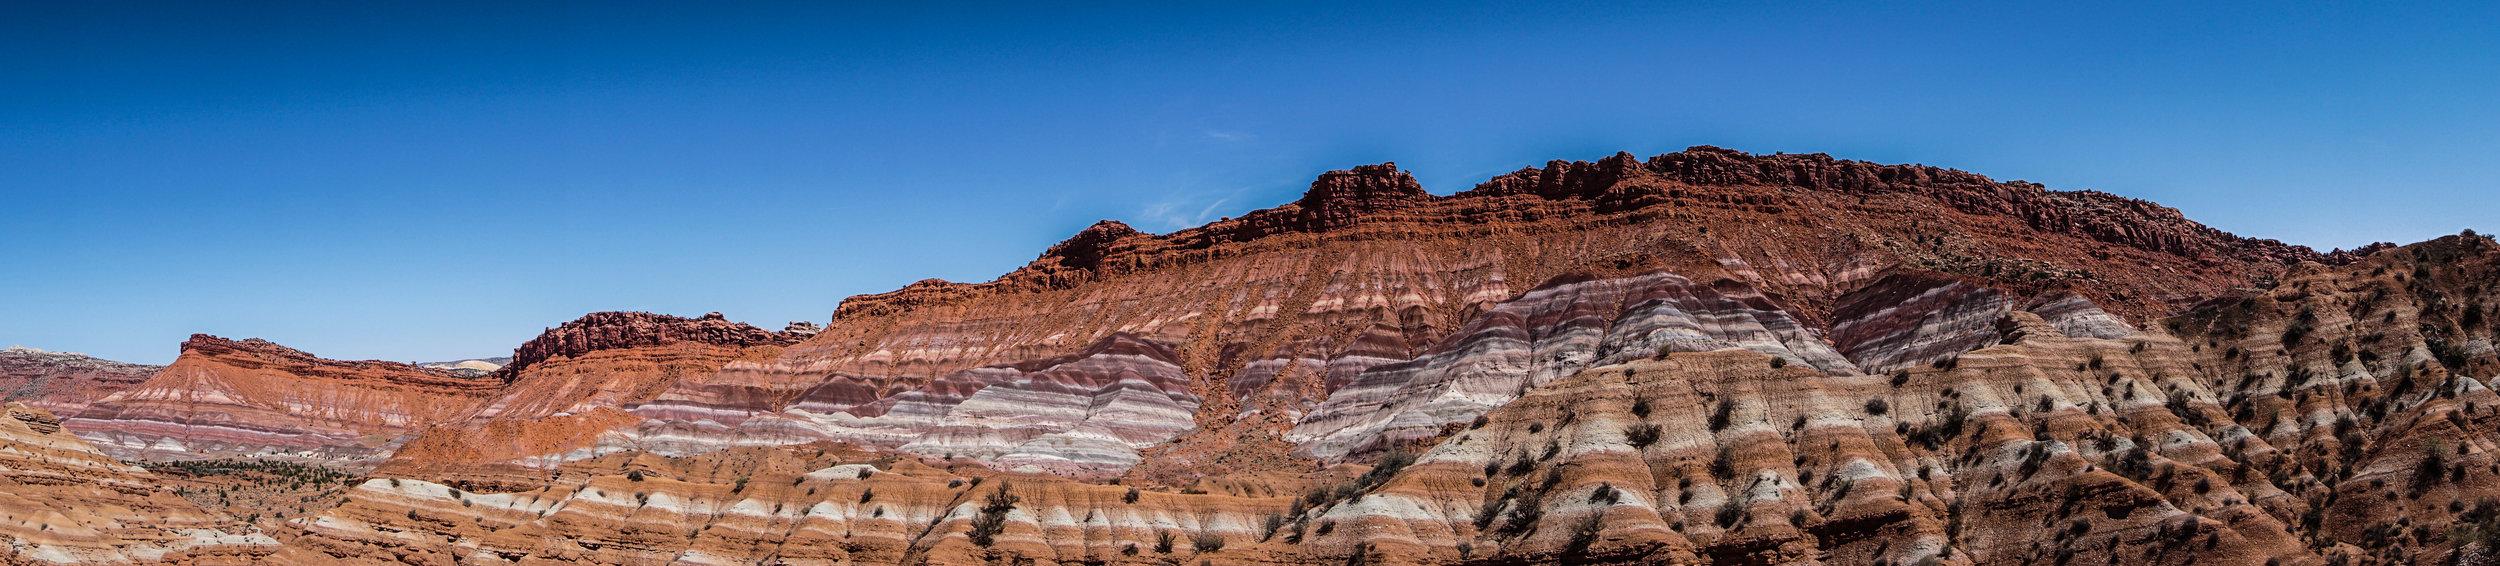 National Monument Utah - Blind Spot Creatives